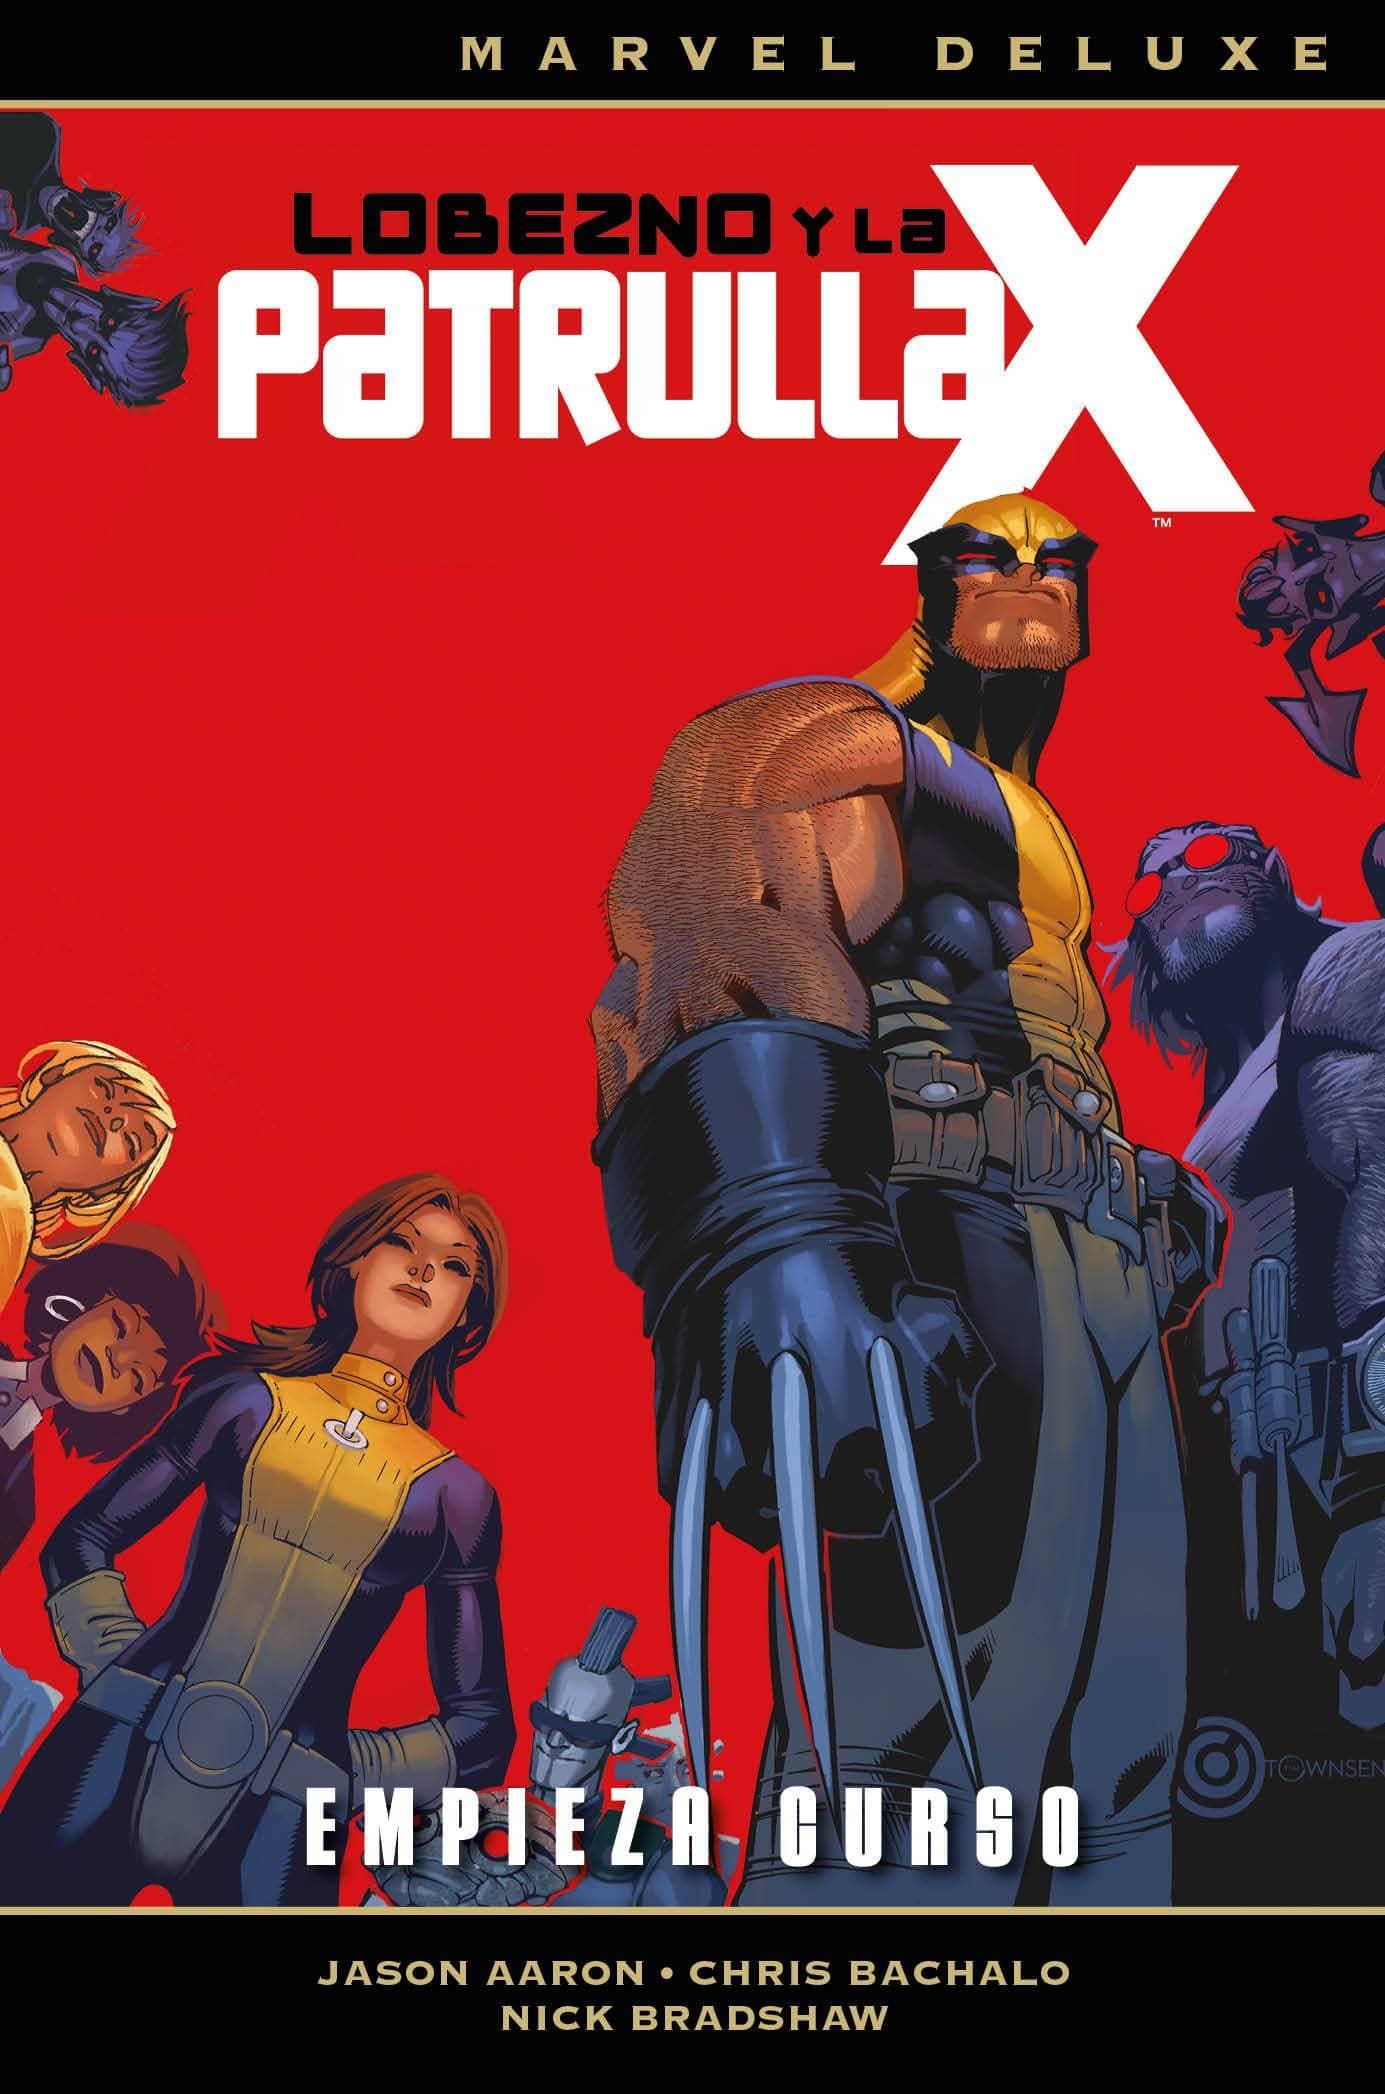 LOBEZNO Y LA PATRULLA-X 01  (MARVEL DELUXE)